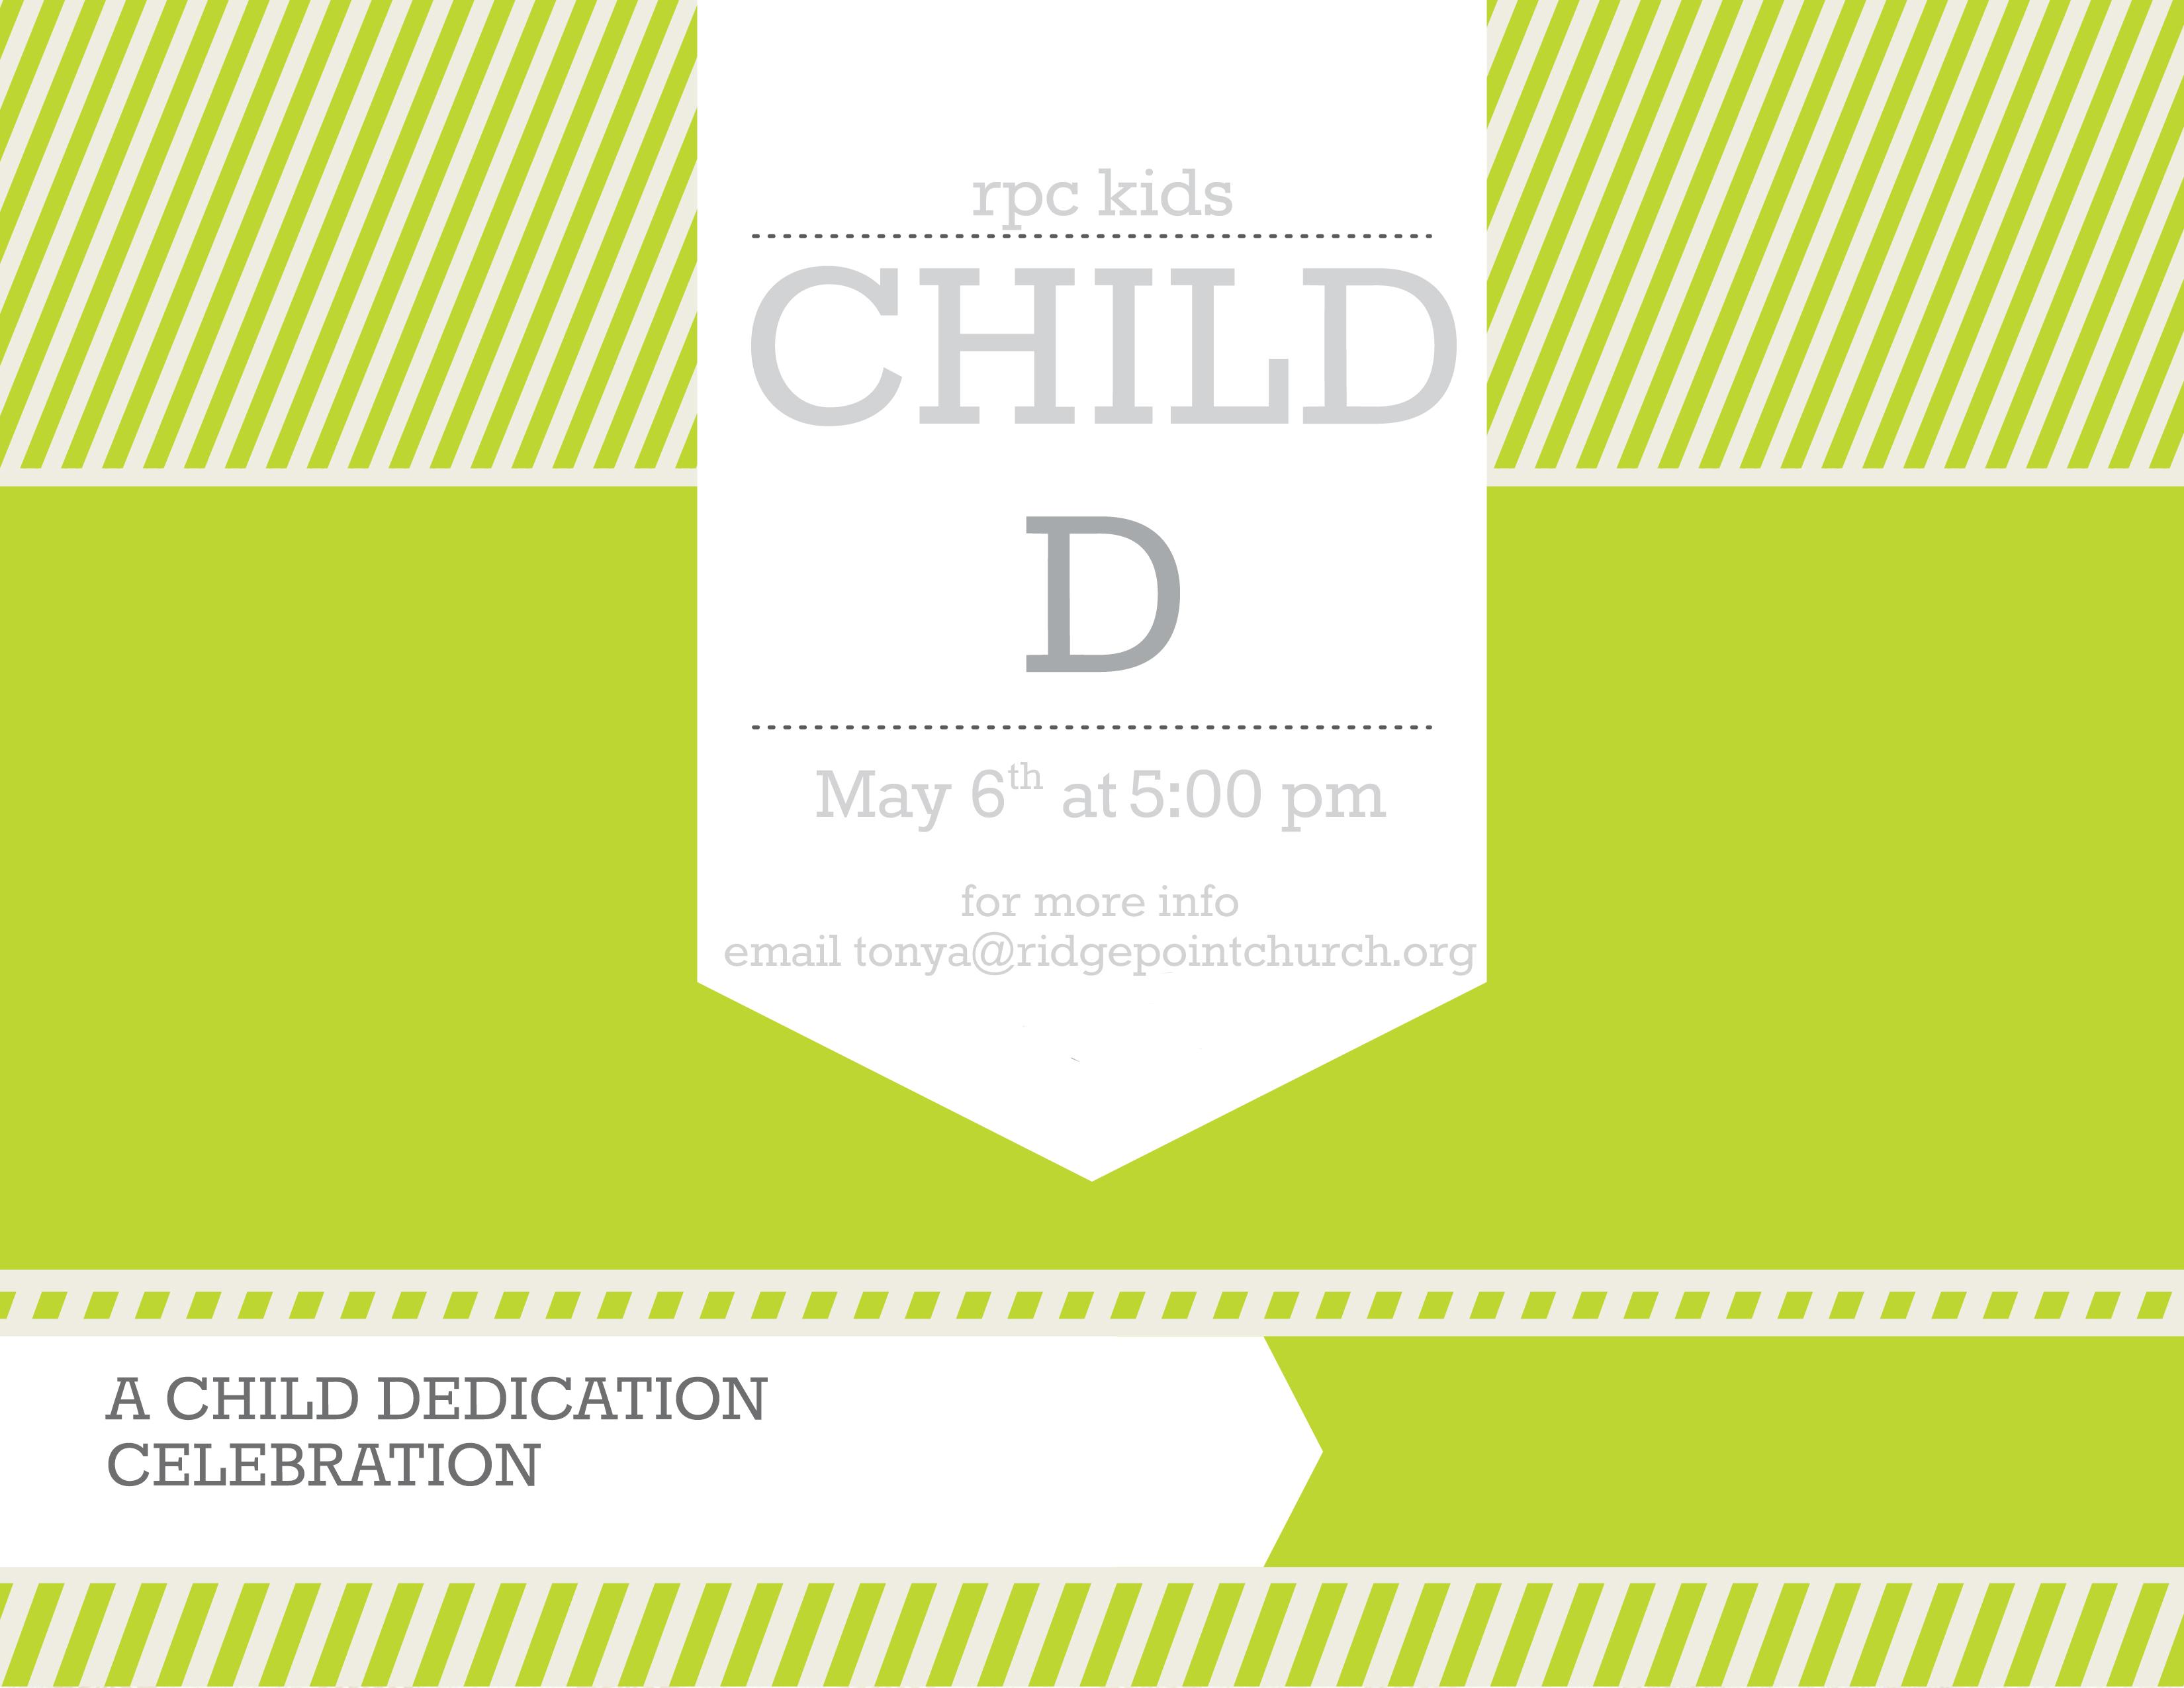 Childd celebration sign